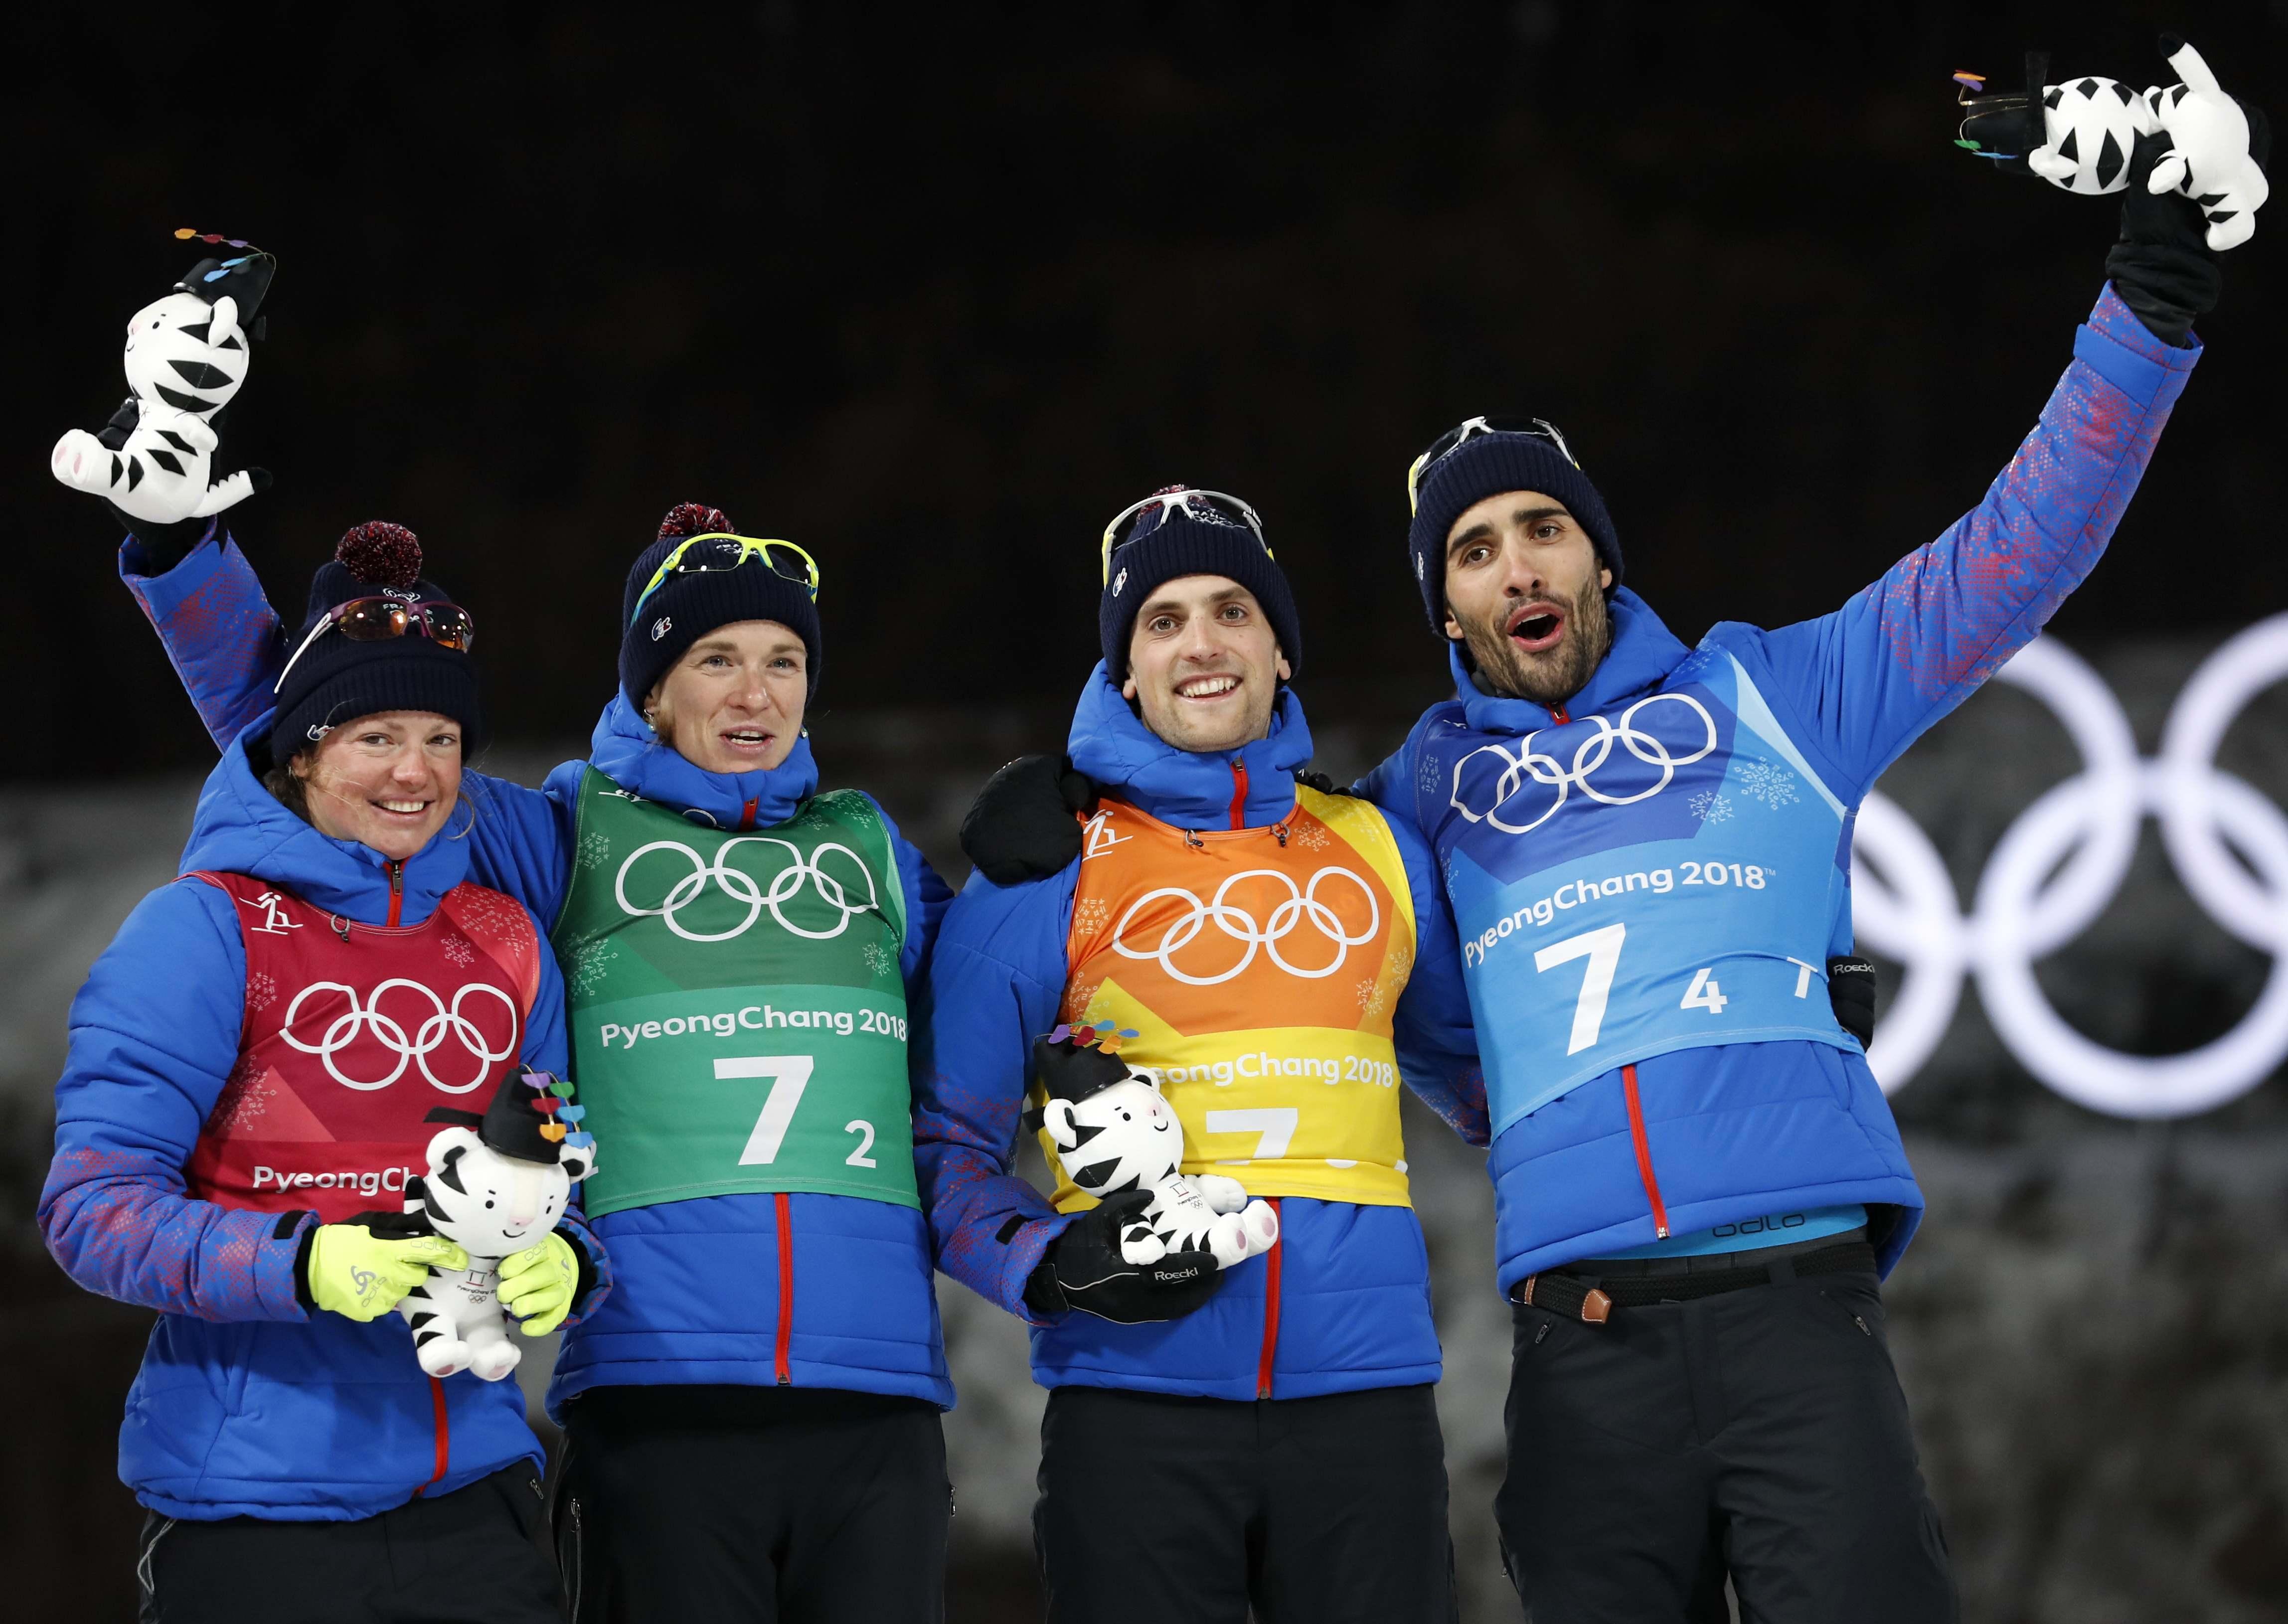 Jeux olympiques - Pyeongchang 2018 - Martin Fourcade : «Partager un titre, c'est encore plus fort»